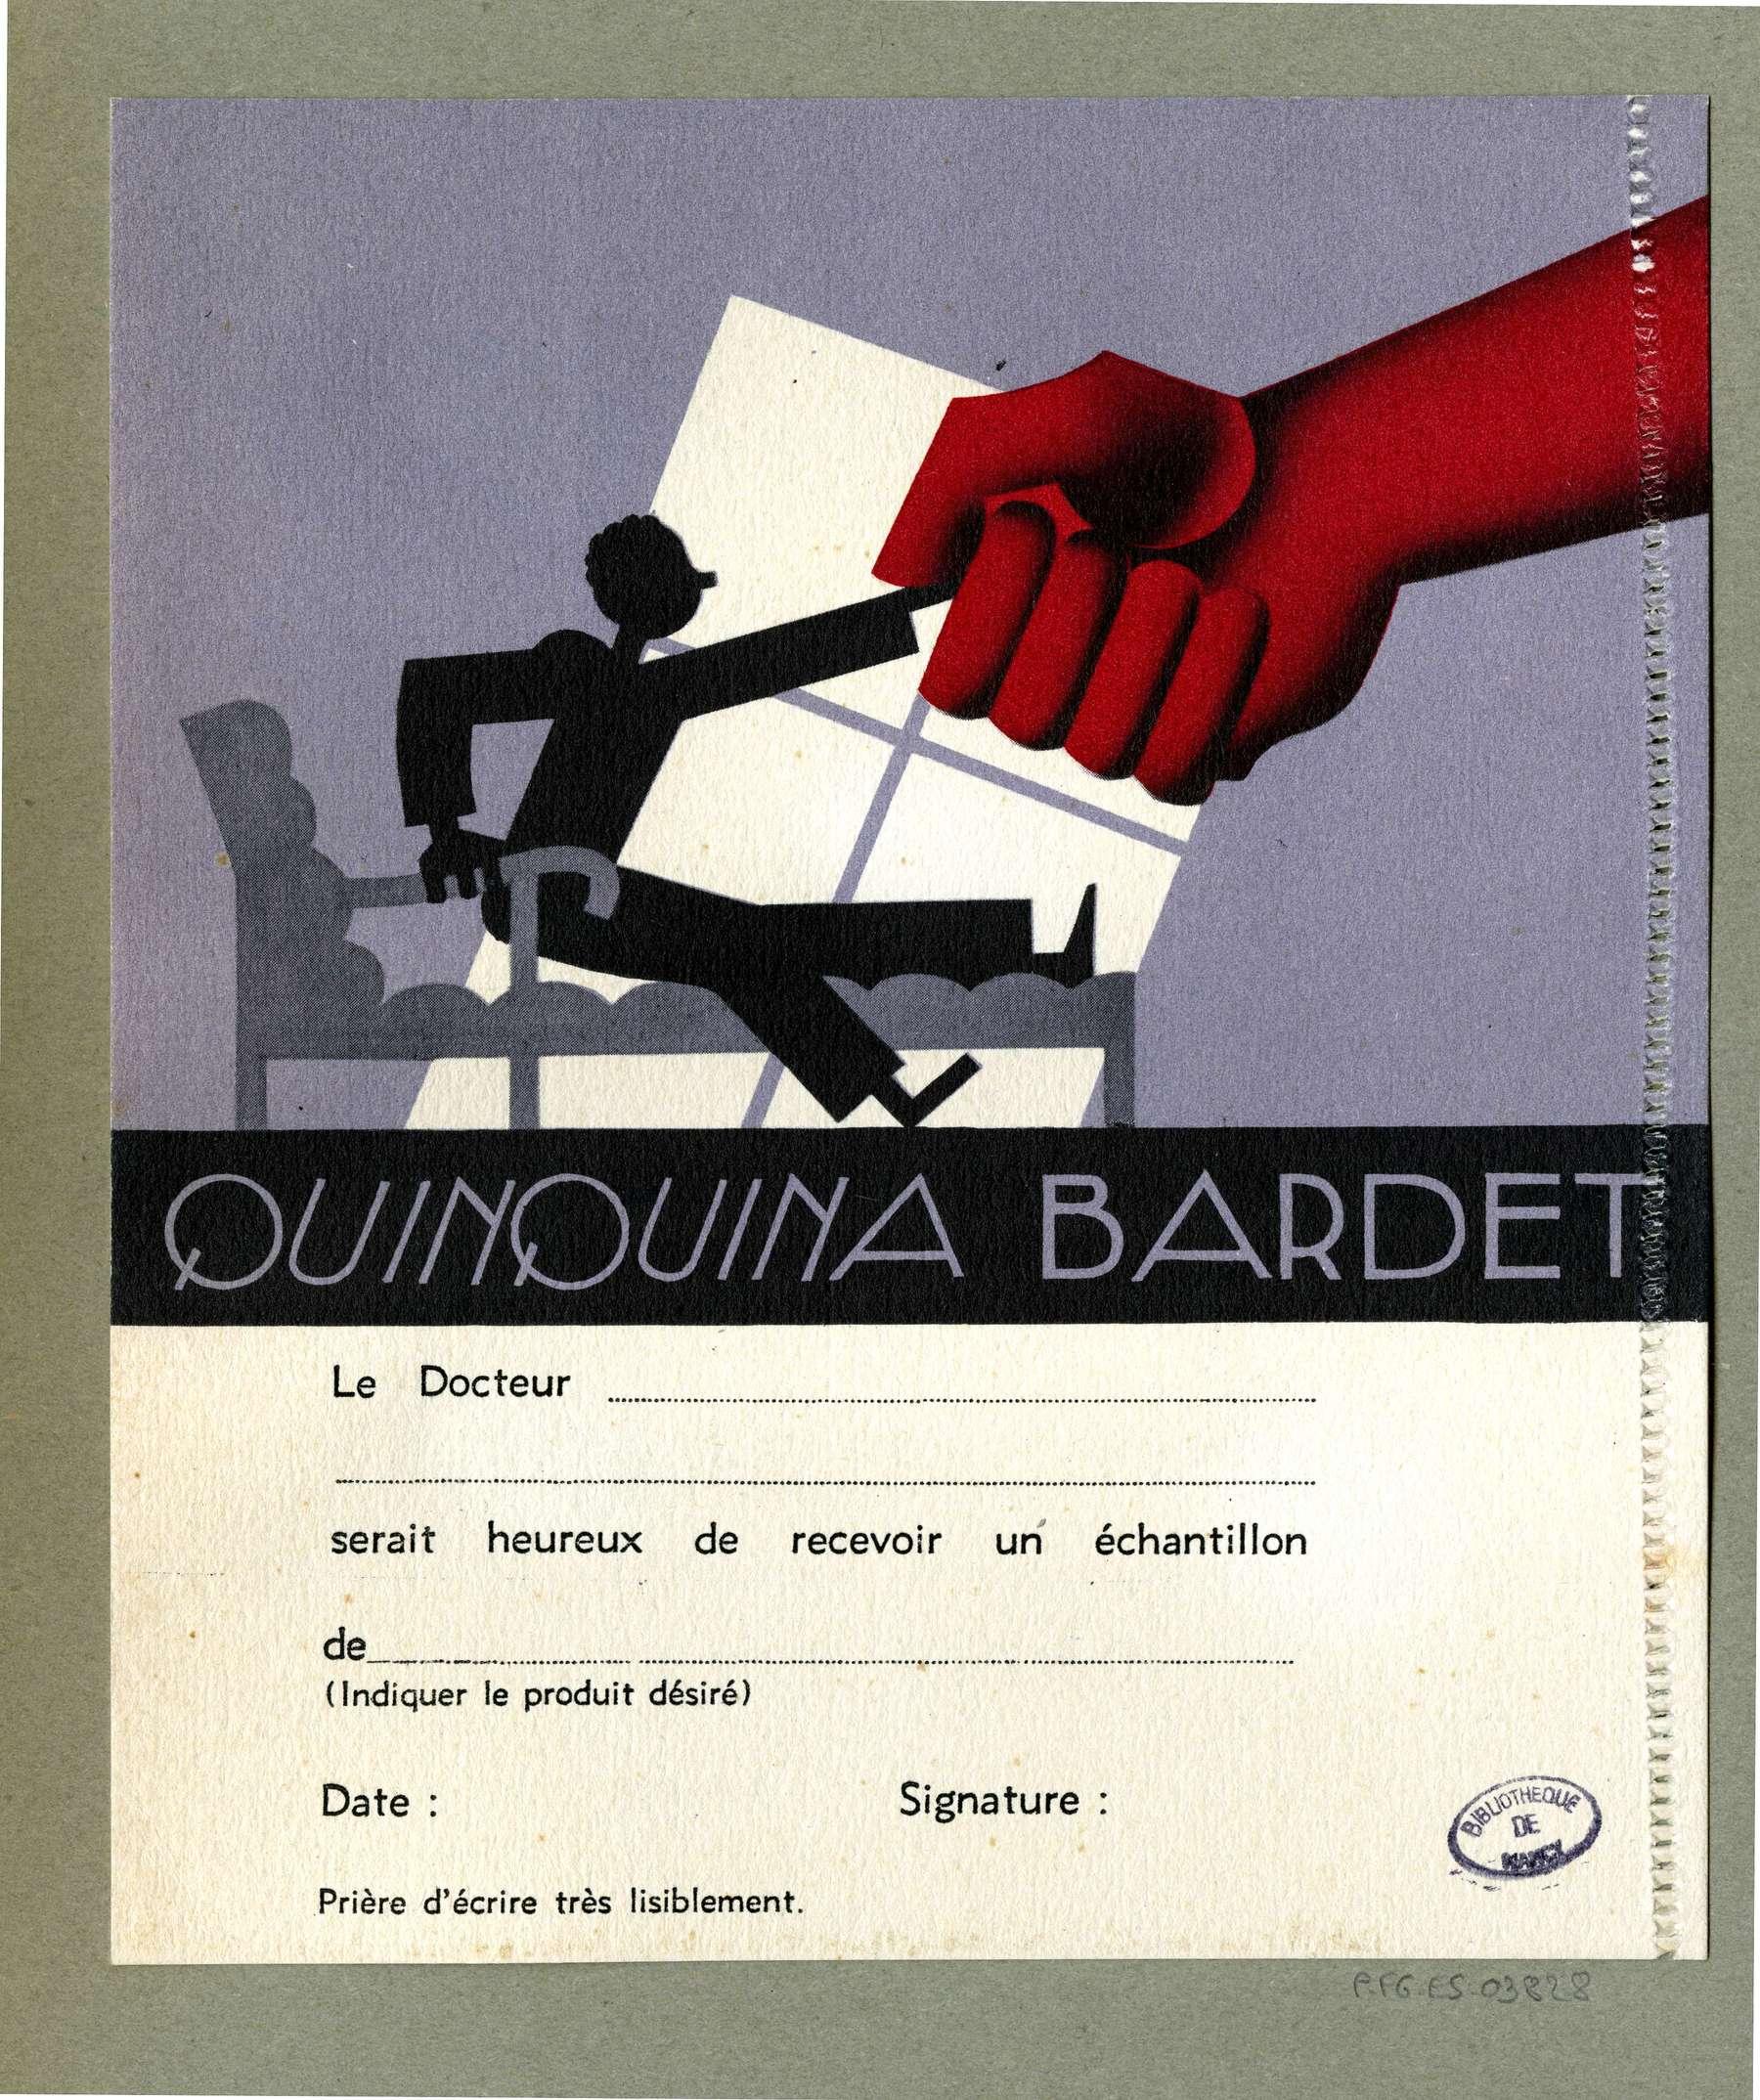 Contenu du Quinquina Bardet